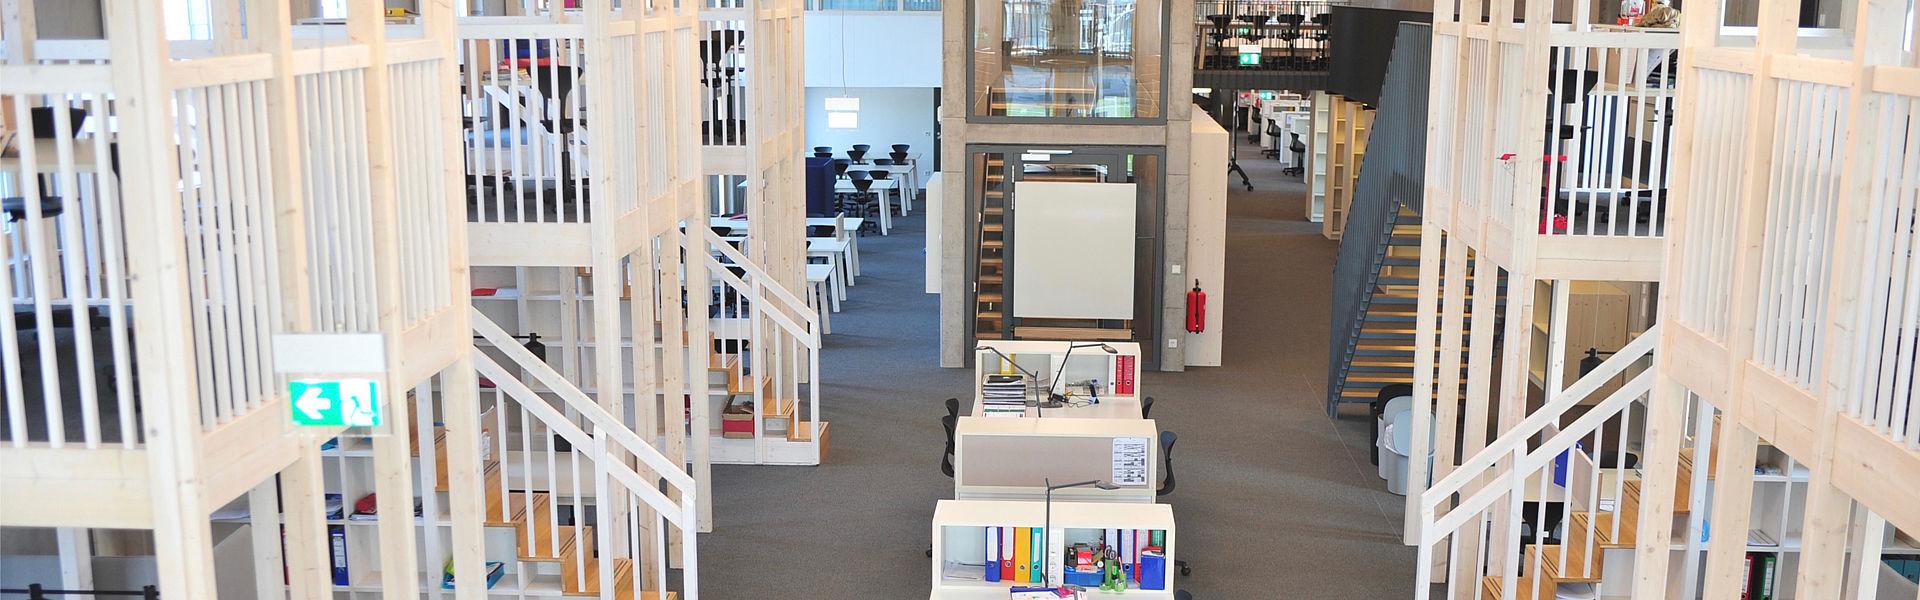 Bild: Academy Wutöschingen- architektur